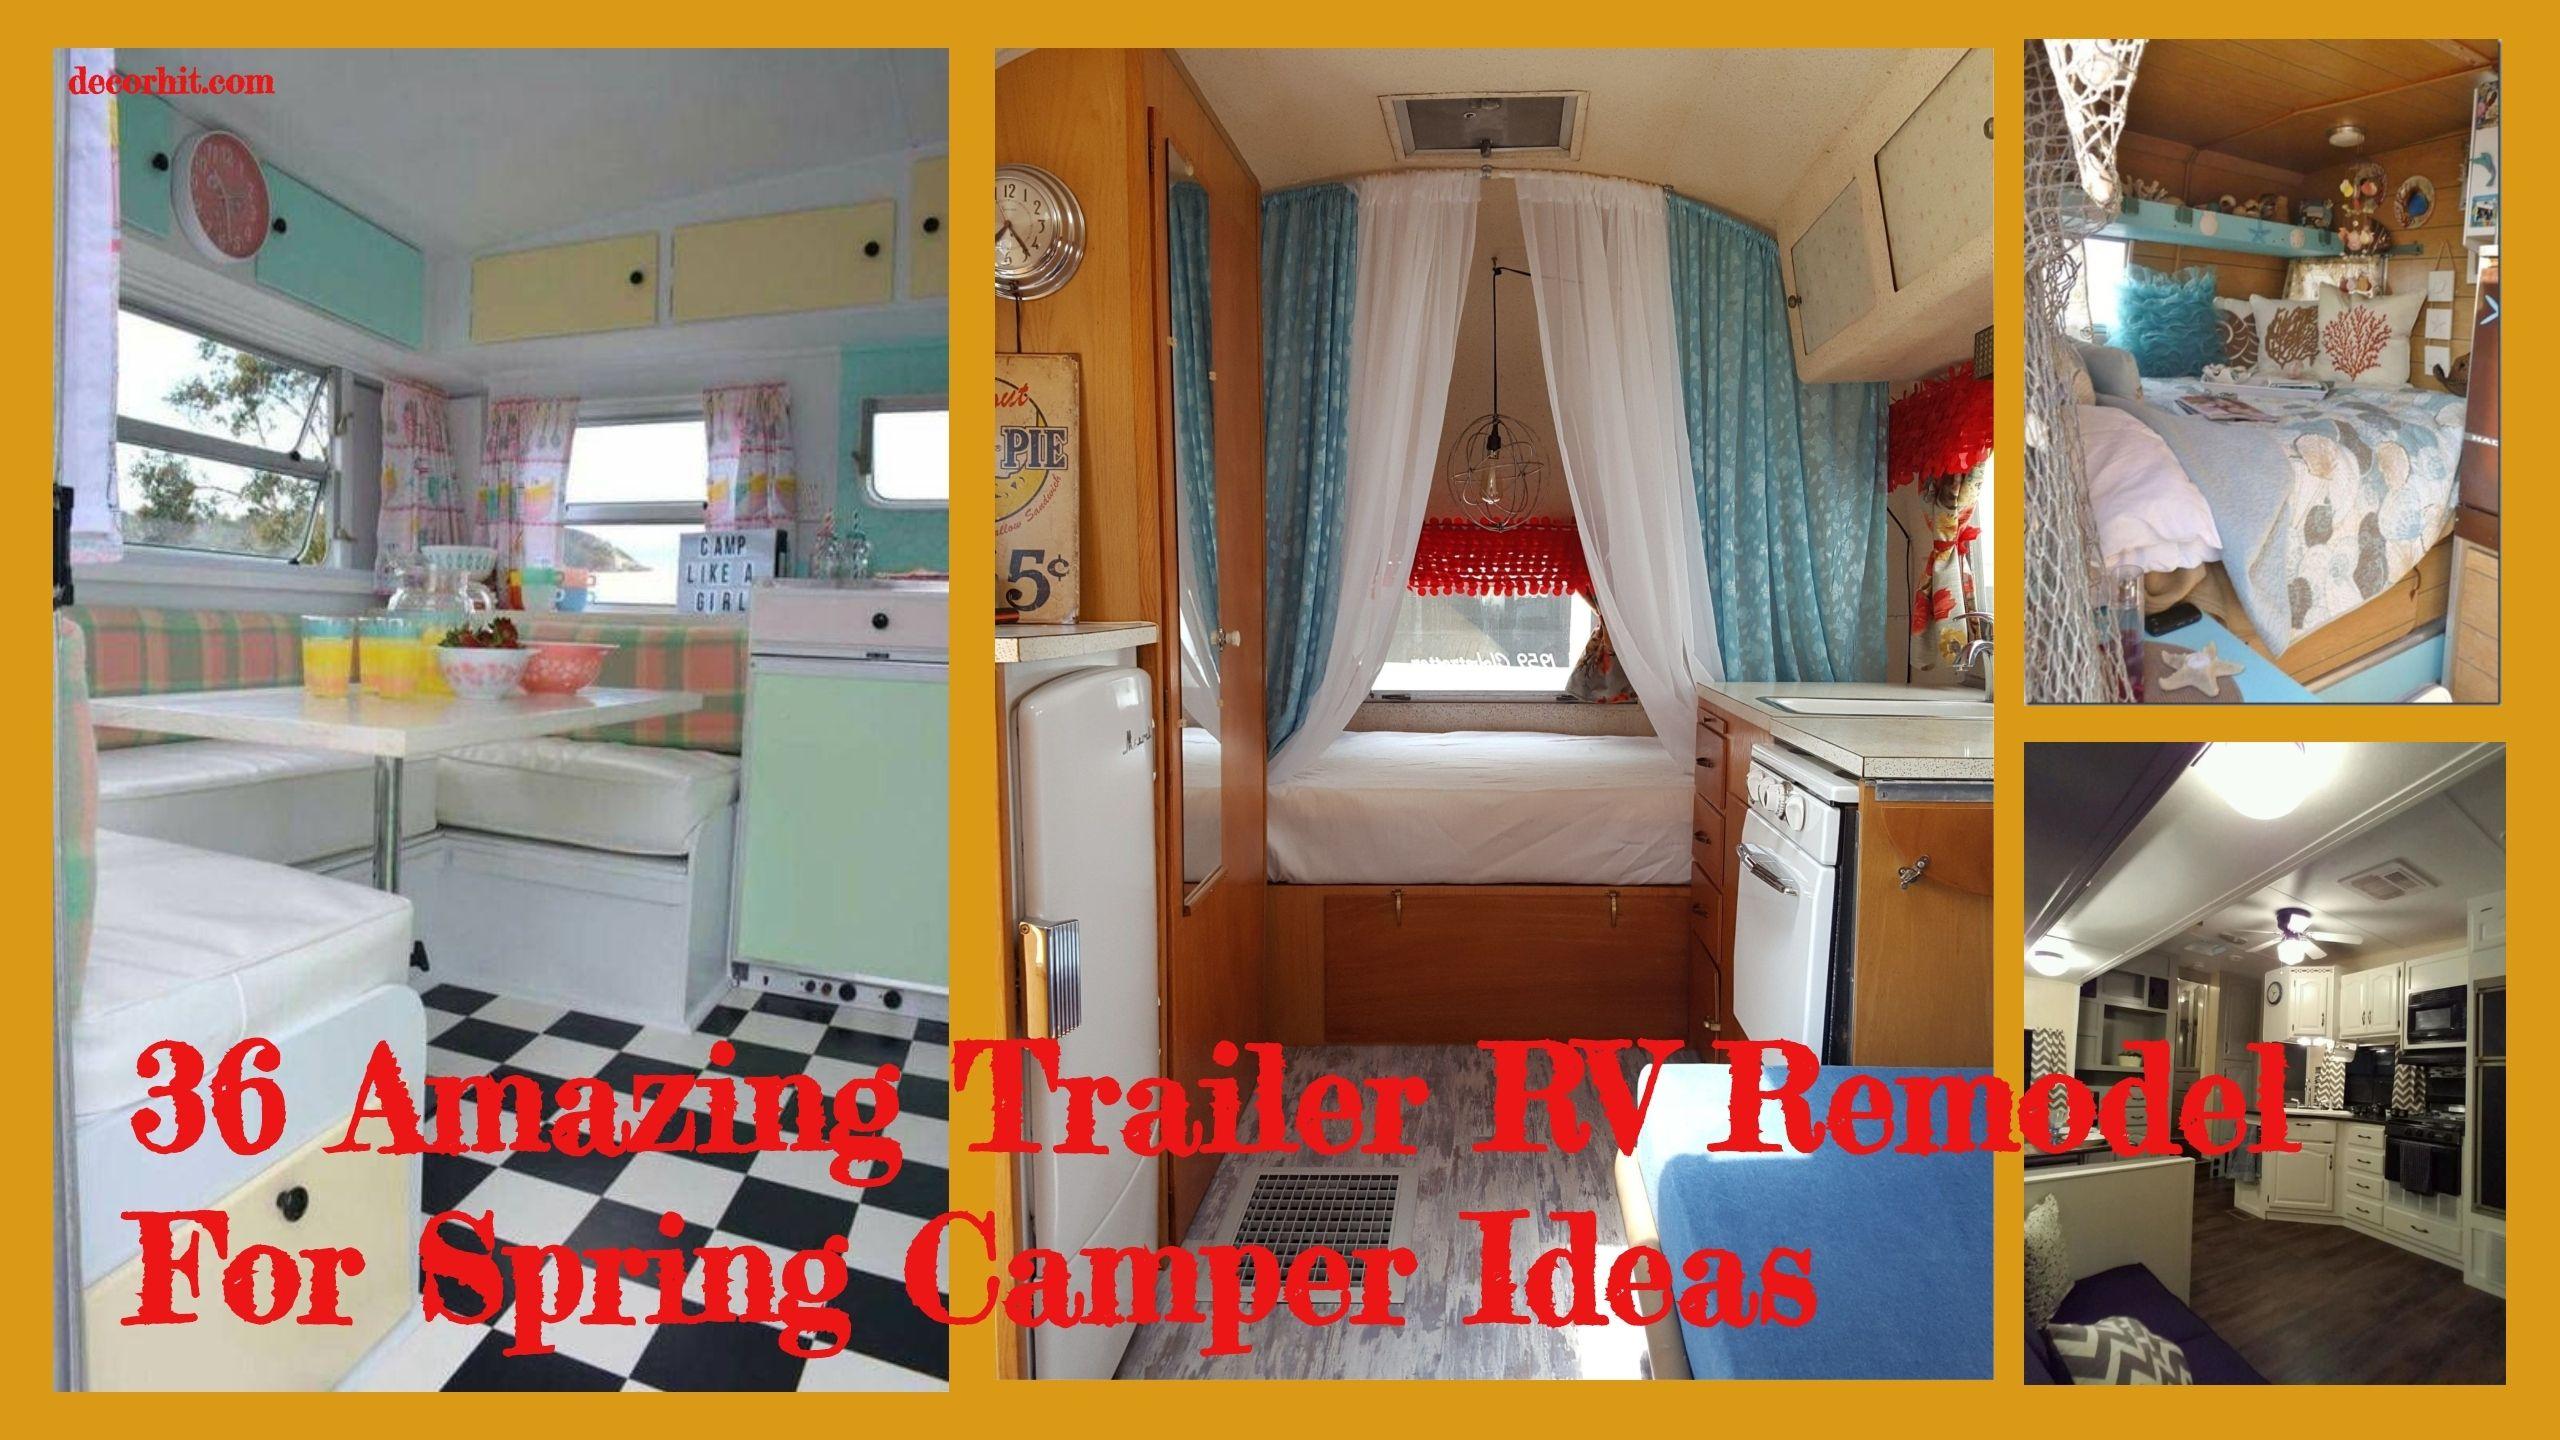 36 Amazing Trailer Rv Remodel For Spring Camper Ideas Remodeled Campers Camper Camper Interior